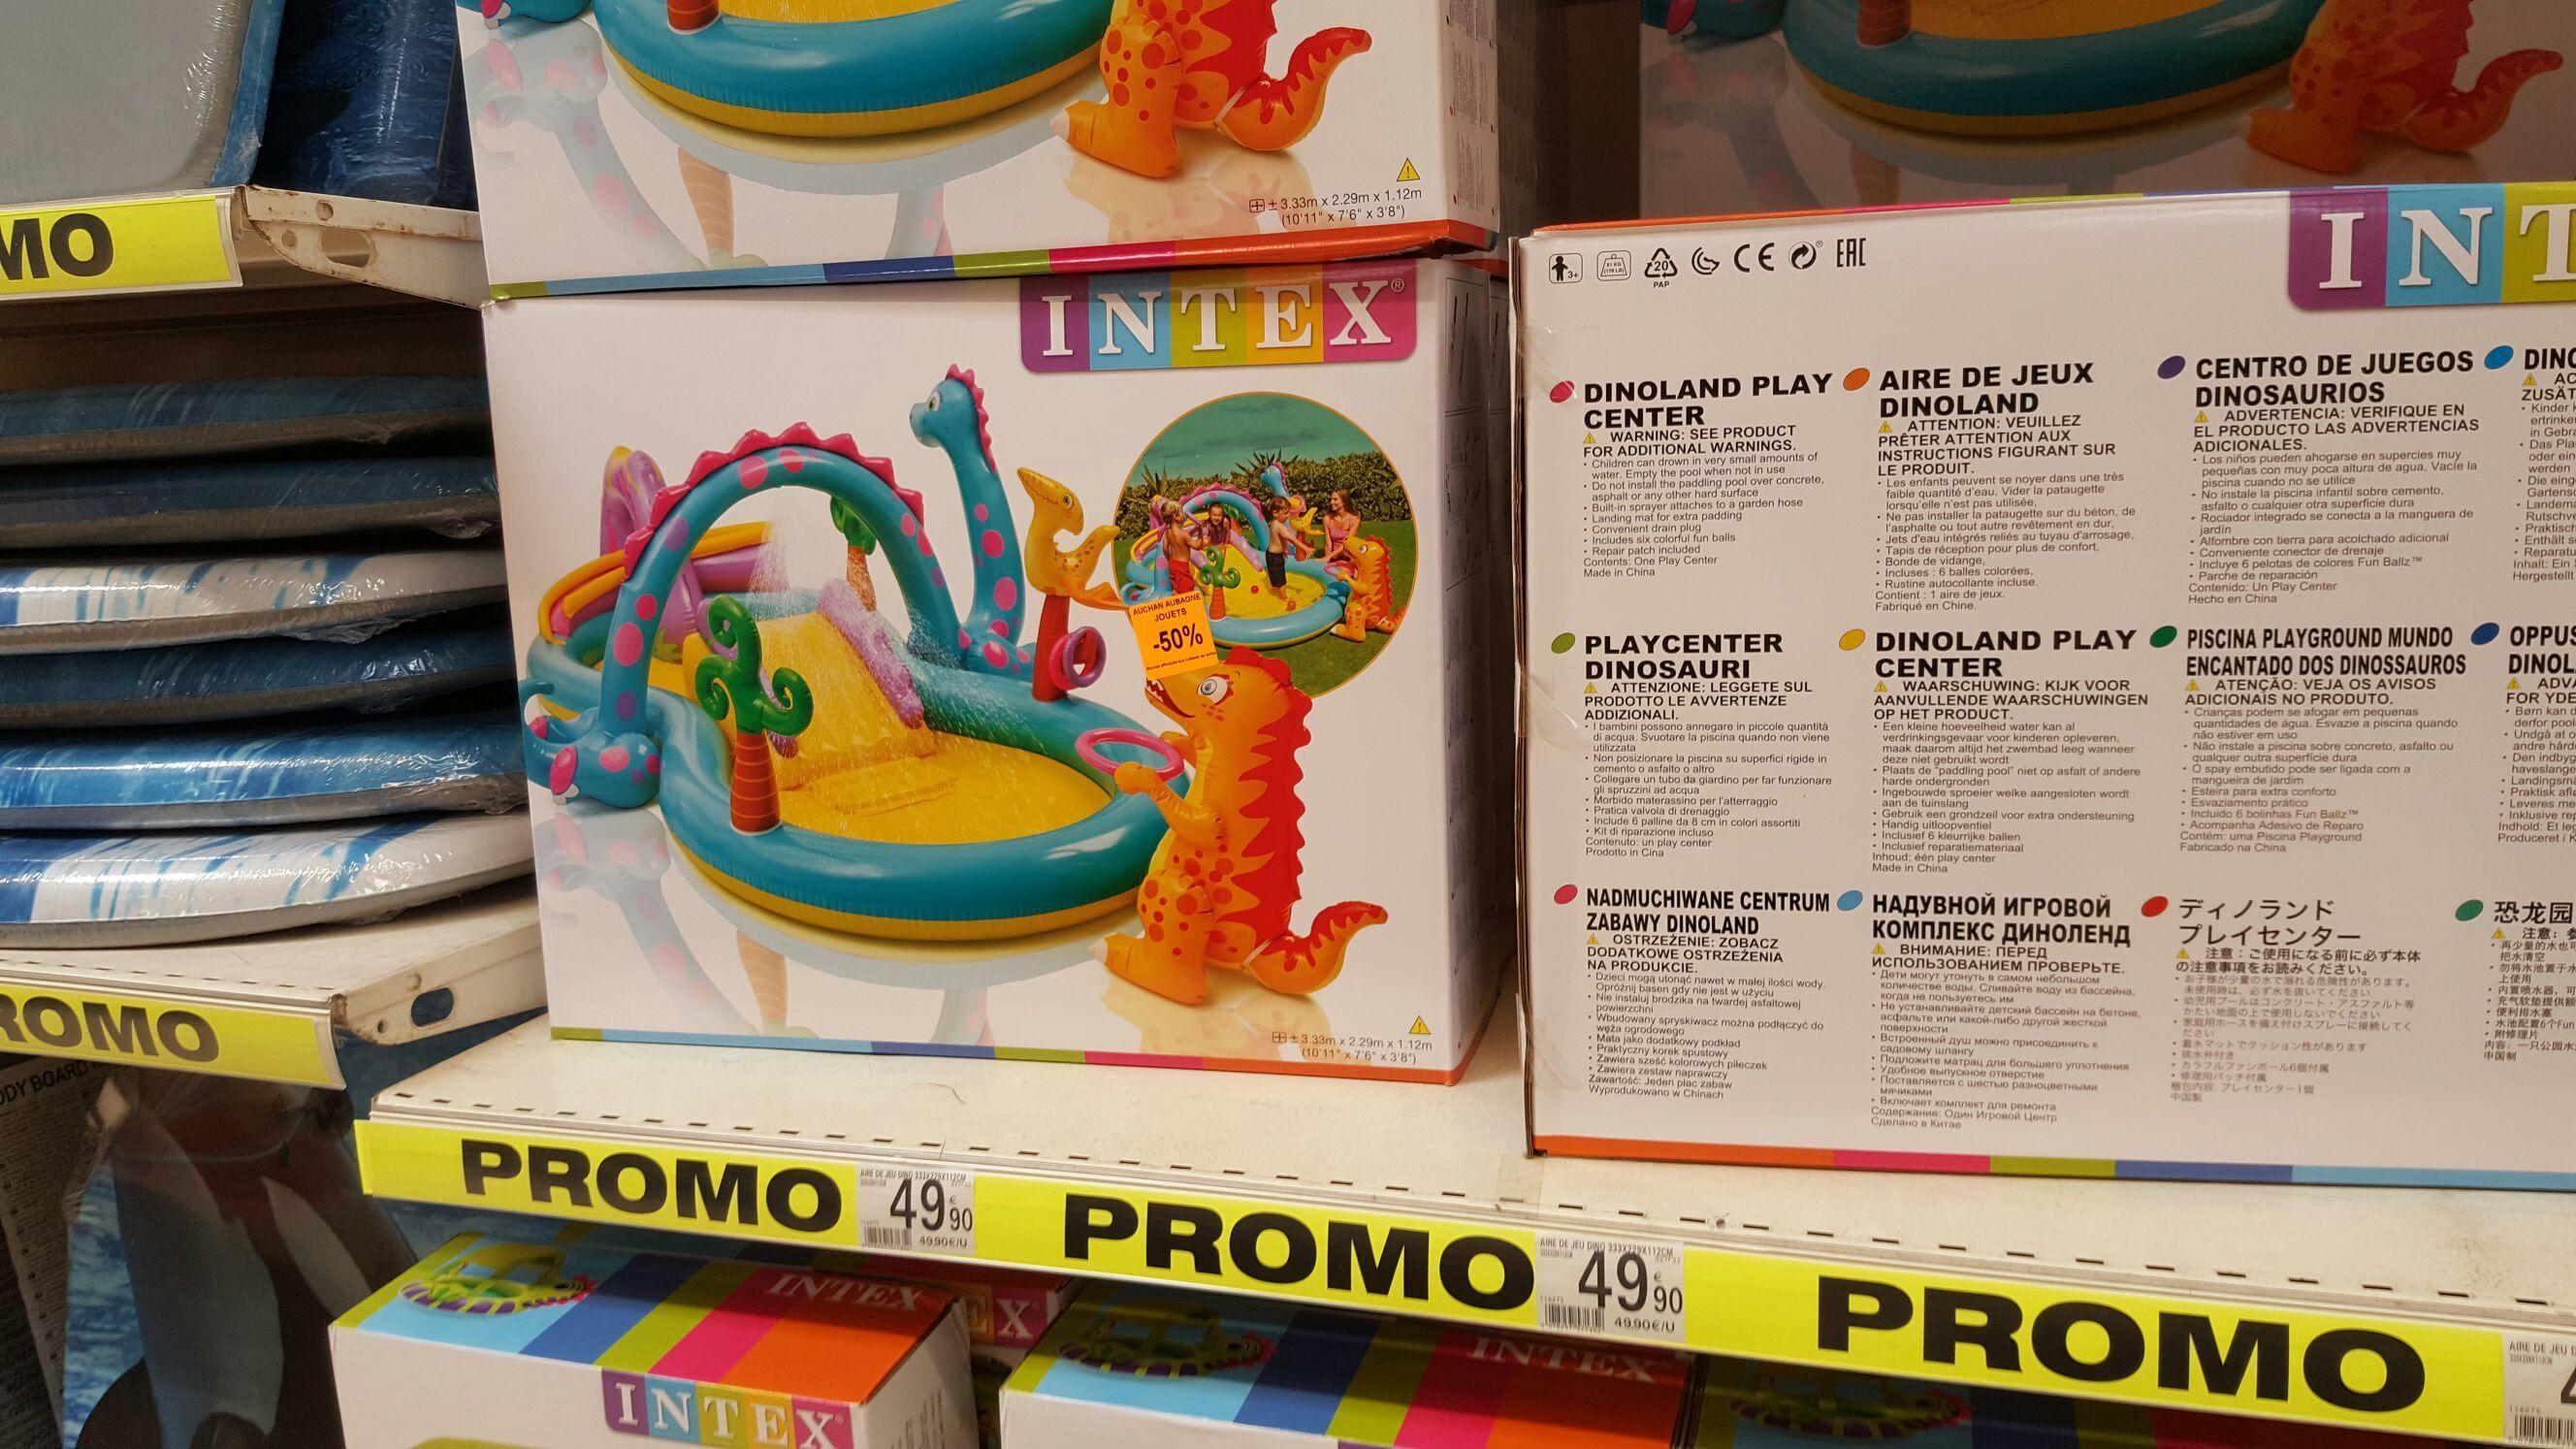 Promotion sur une sélection d'articles de jardin - Ex: Piscine aire de jeu gonflable Intex